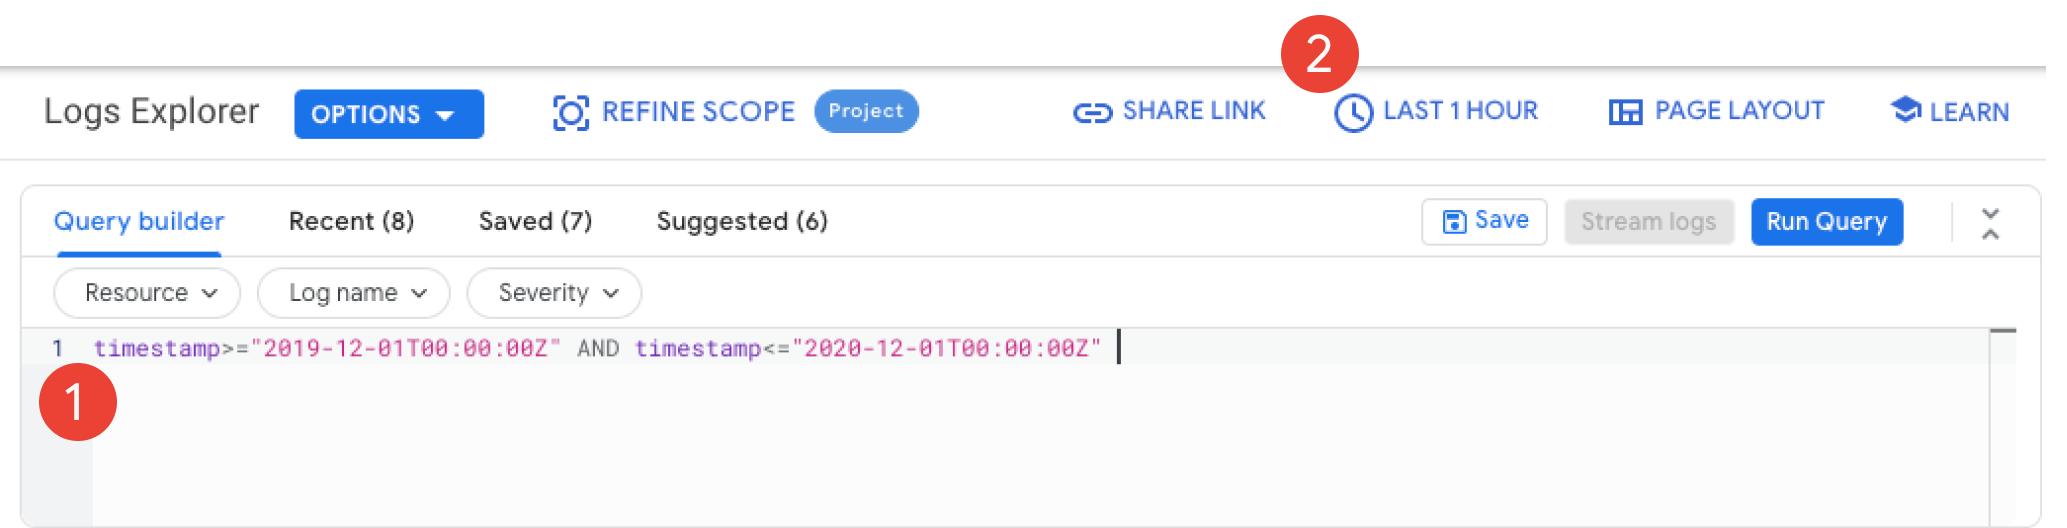 En la sección del visor de registros, se muestran dos maneras de filtrar en función del tiempo